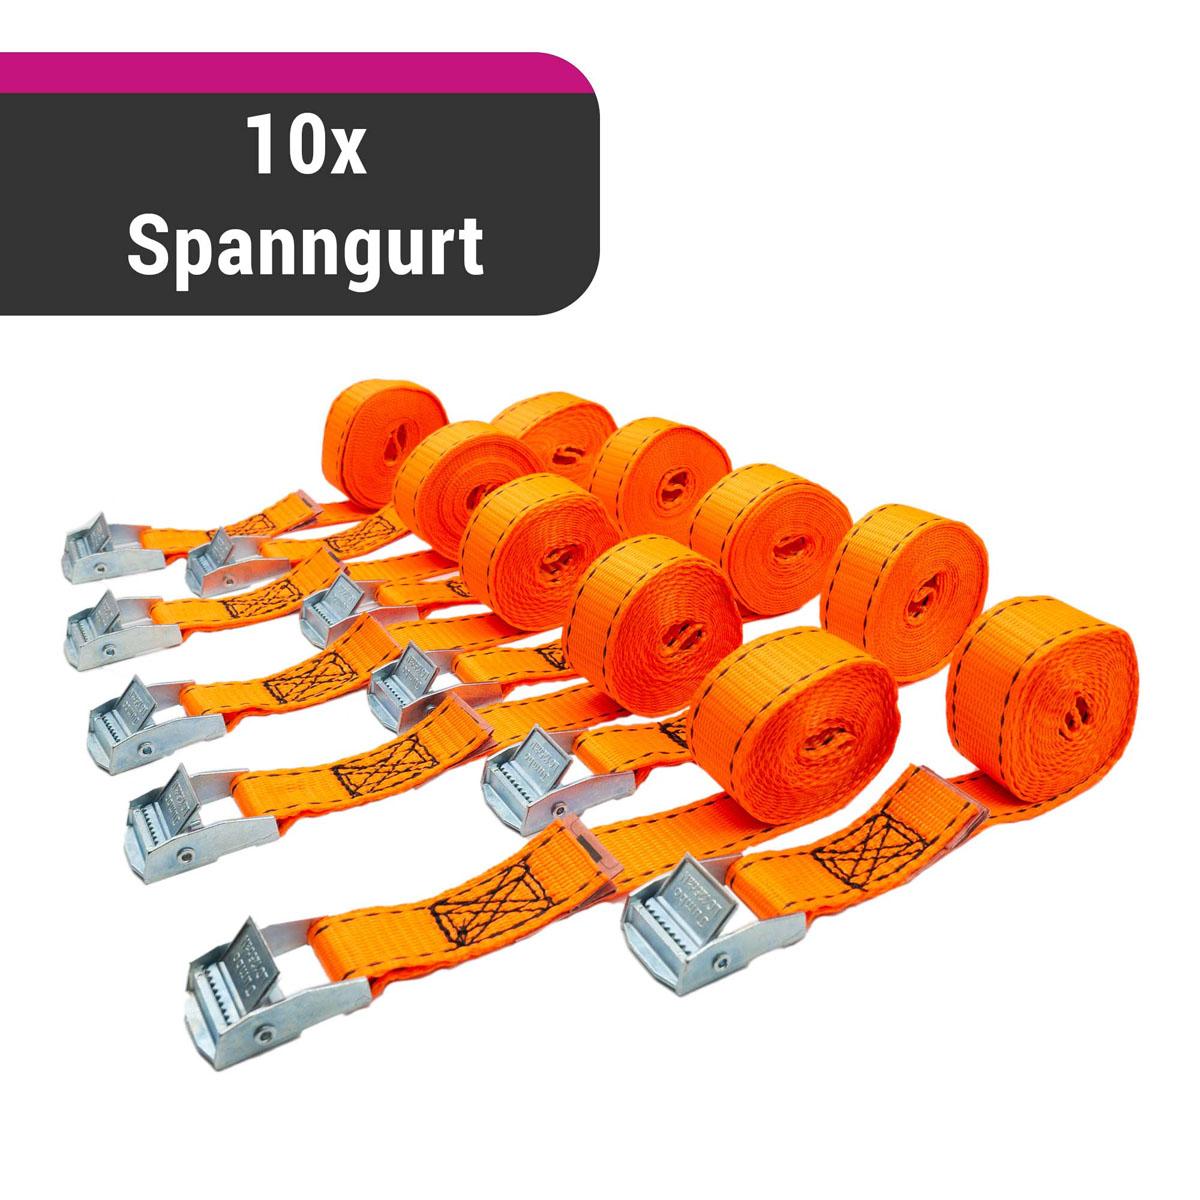 D&W 10x Spanngurt 25mm x 2,5m 125 daN